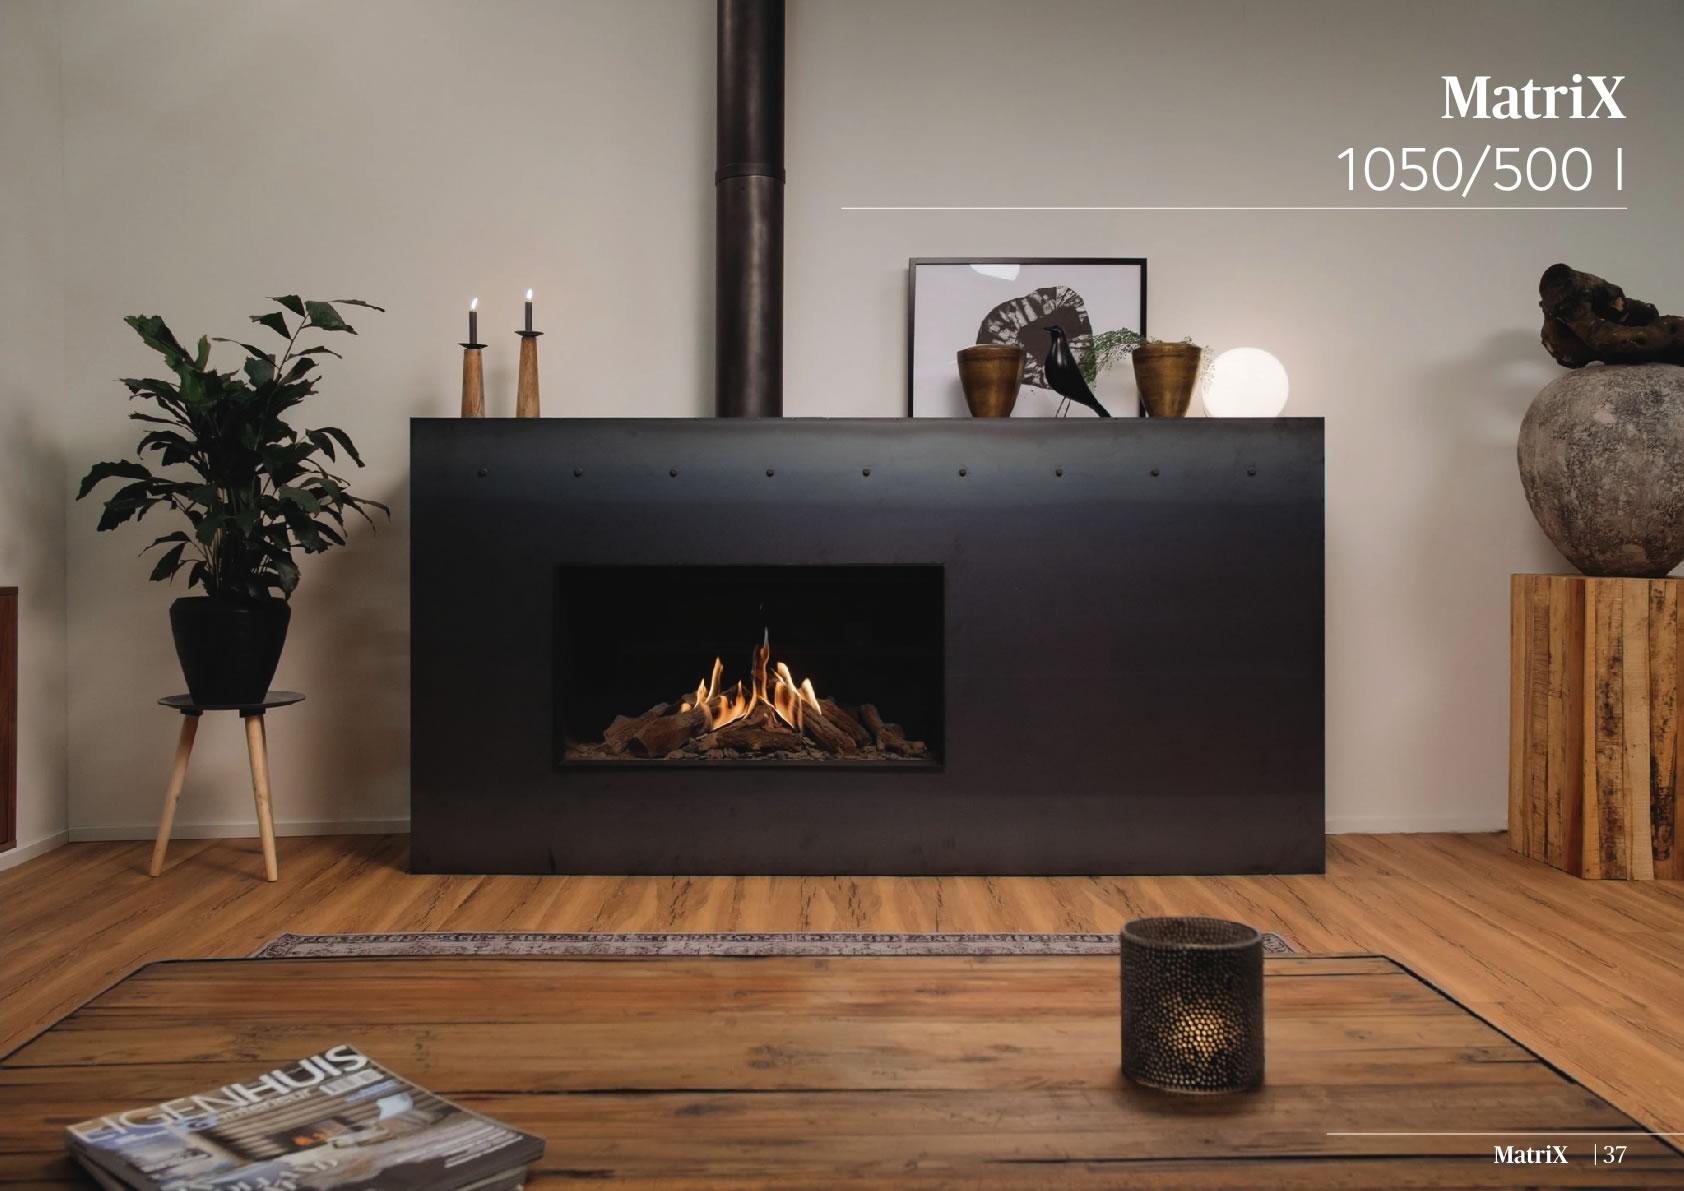 Faber Doğalgazlı Şömineler - Matrix 1050 / 500 I